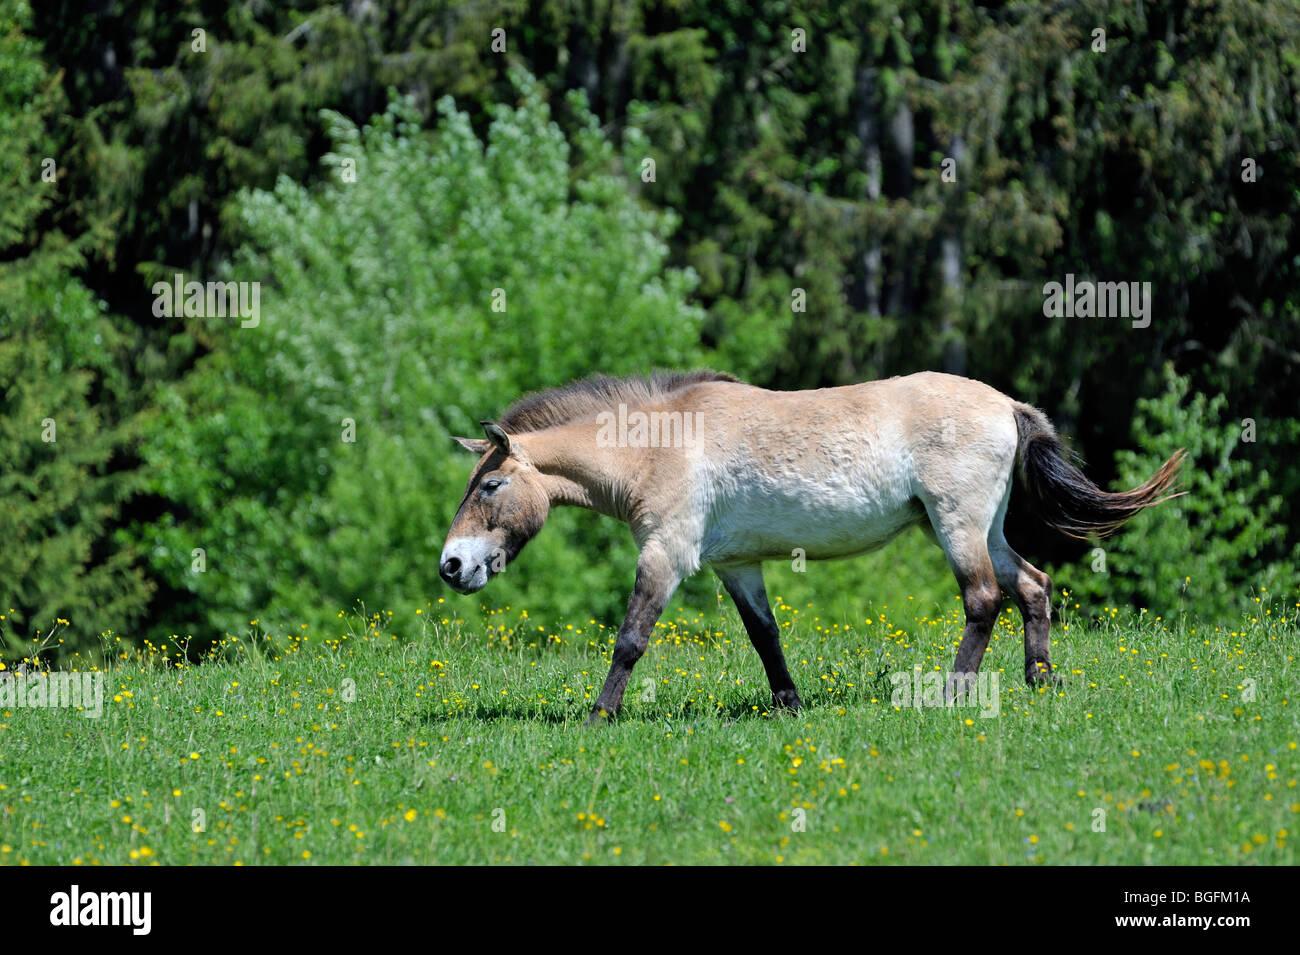 Przewalski's horse (Equus ferus przewalskii) on edge of forest, native to Mongolia - Stock Image